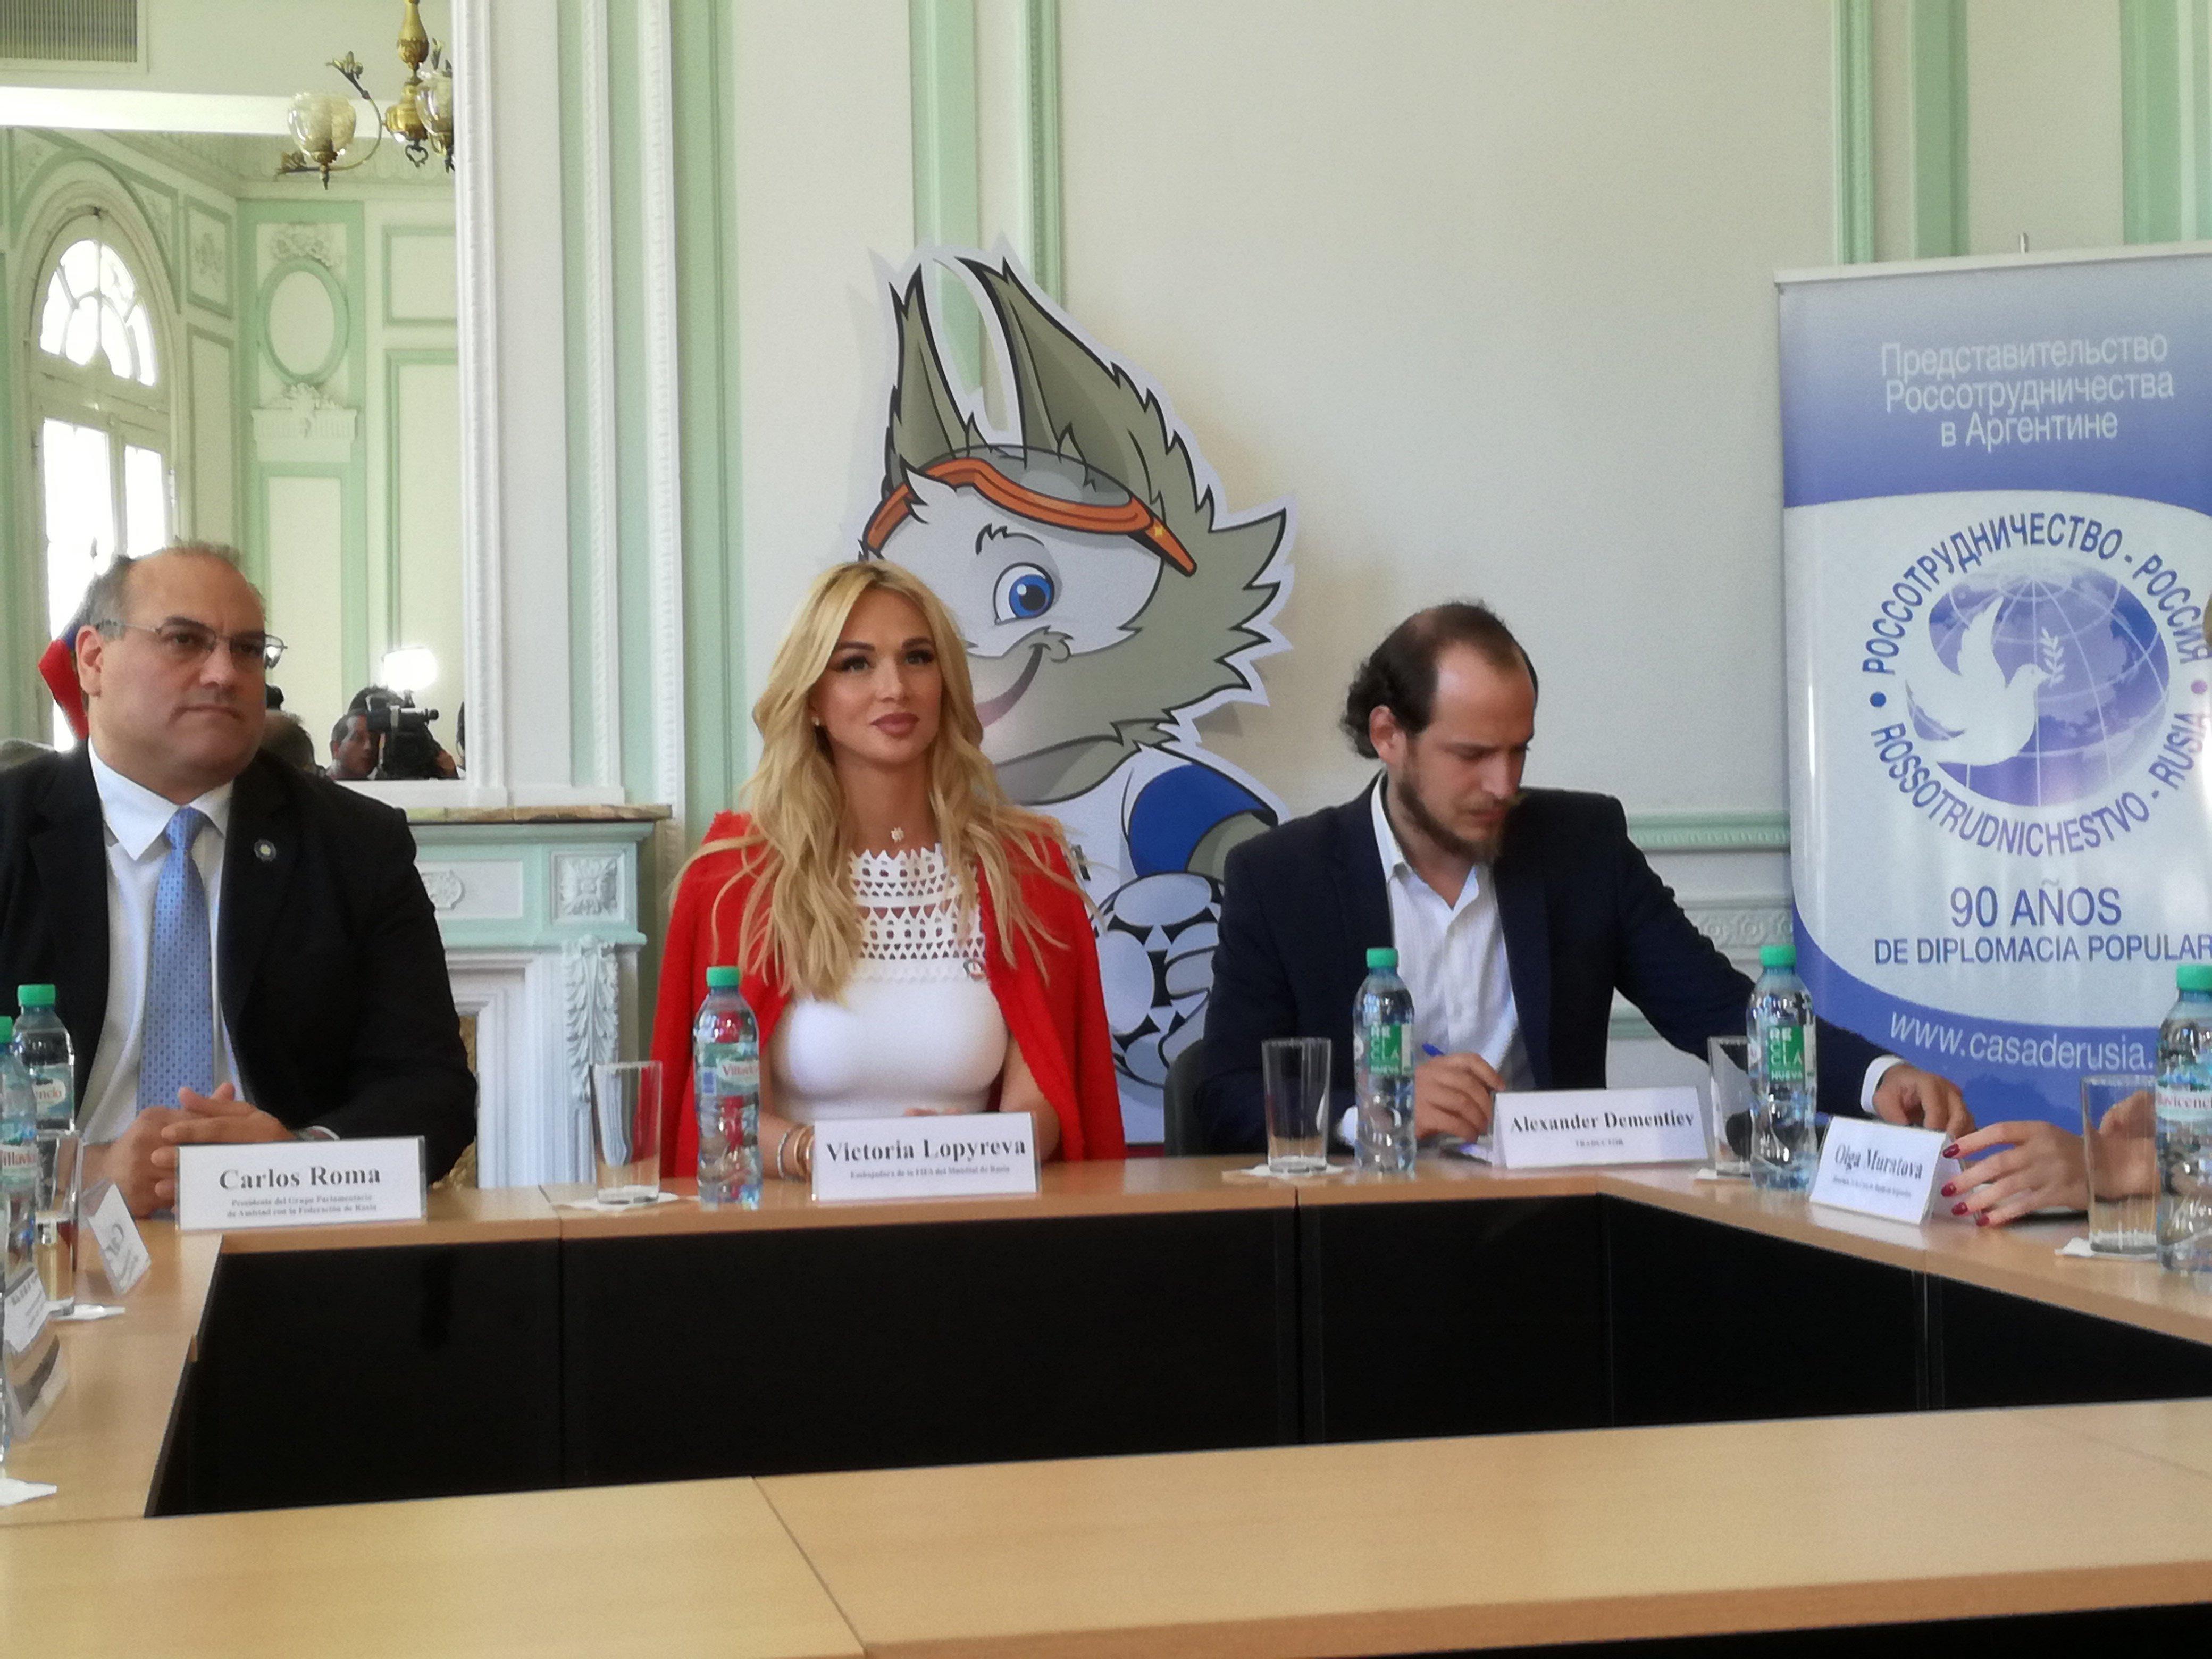 Victoria Lopyreva, embajadora de la Copa Mundial de la FIFA Rusia 2018, durante su visita oficial en Argentina